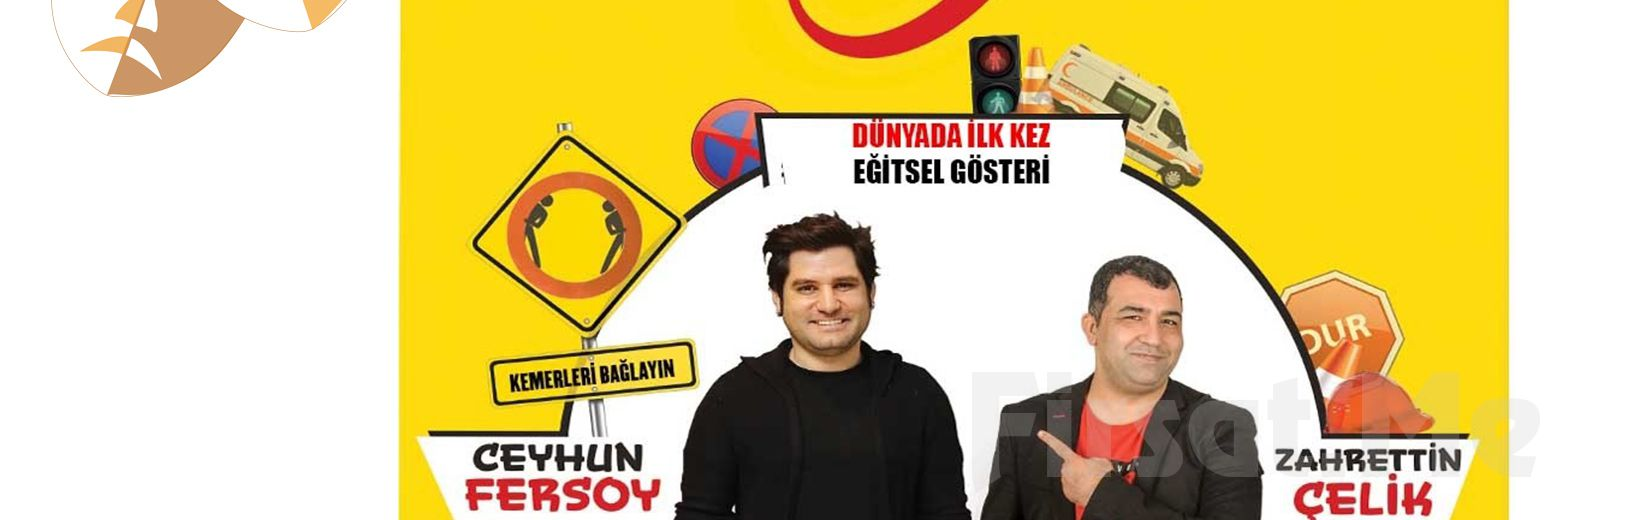 Ceyhun Fersoy ve Zahrettin Çelik İle 'Kazasız Kul Olmaz' Eğitsel Gösteri Bileti